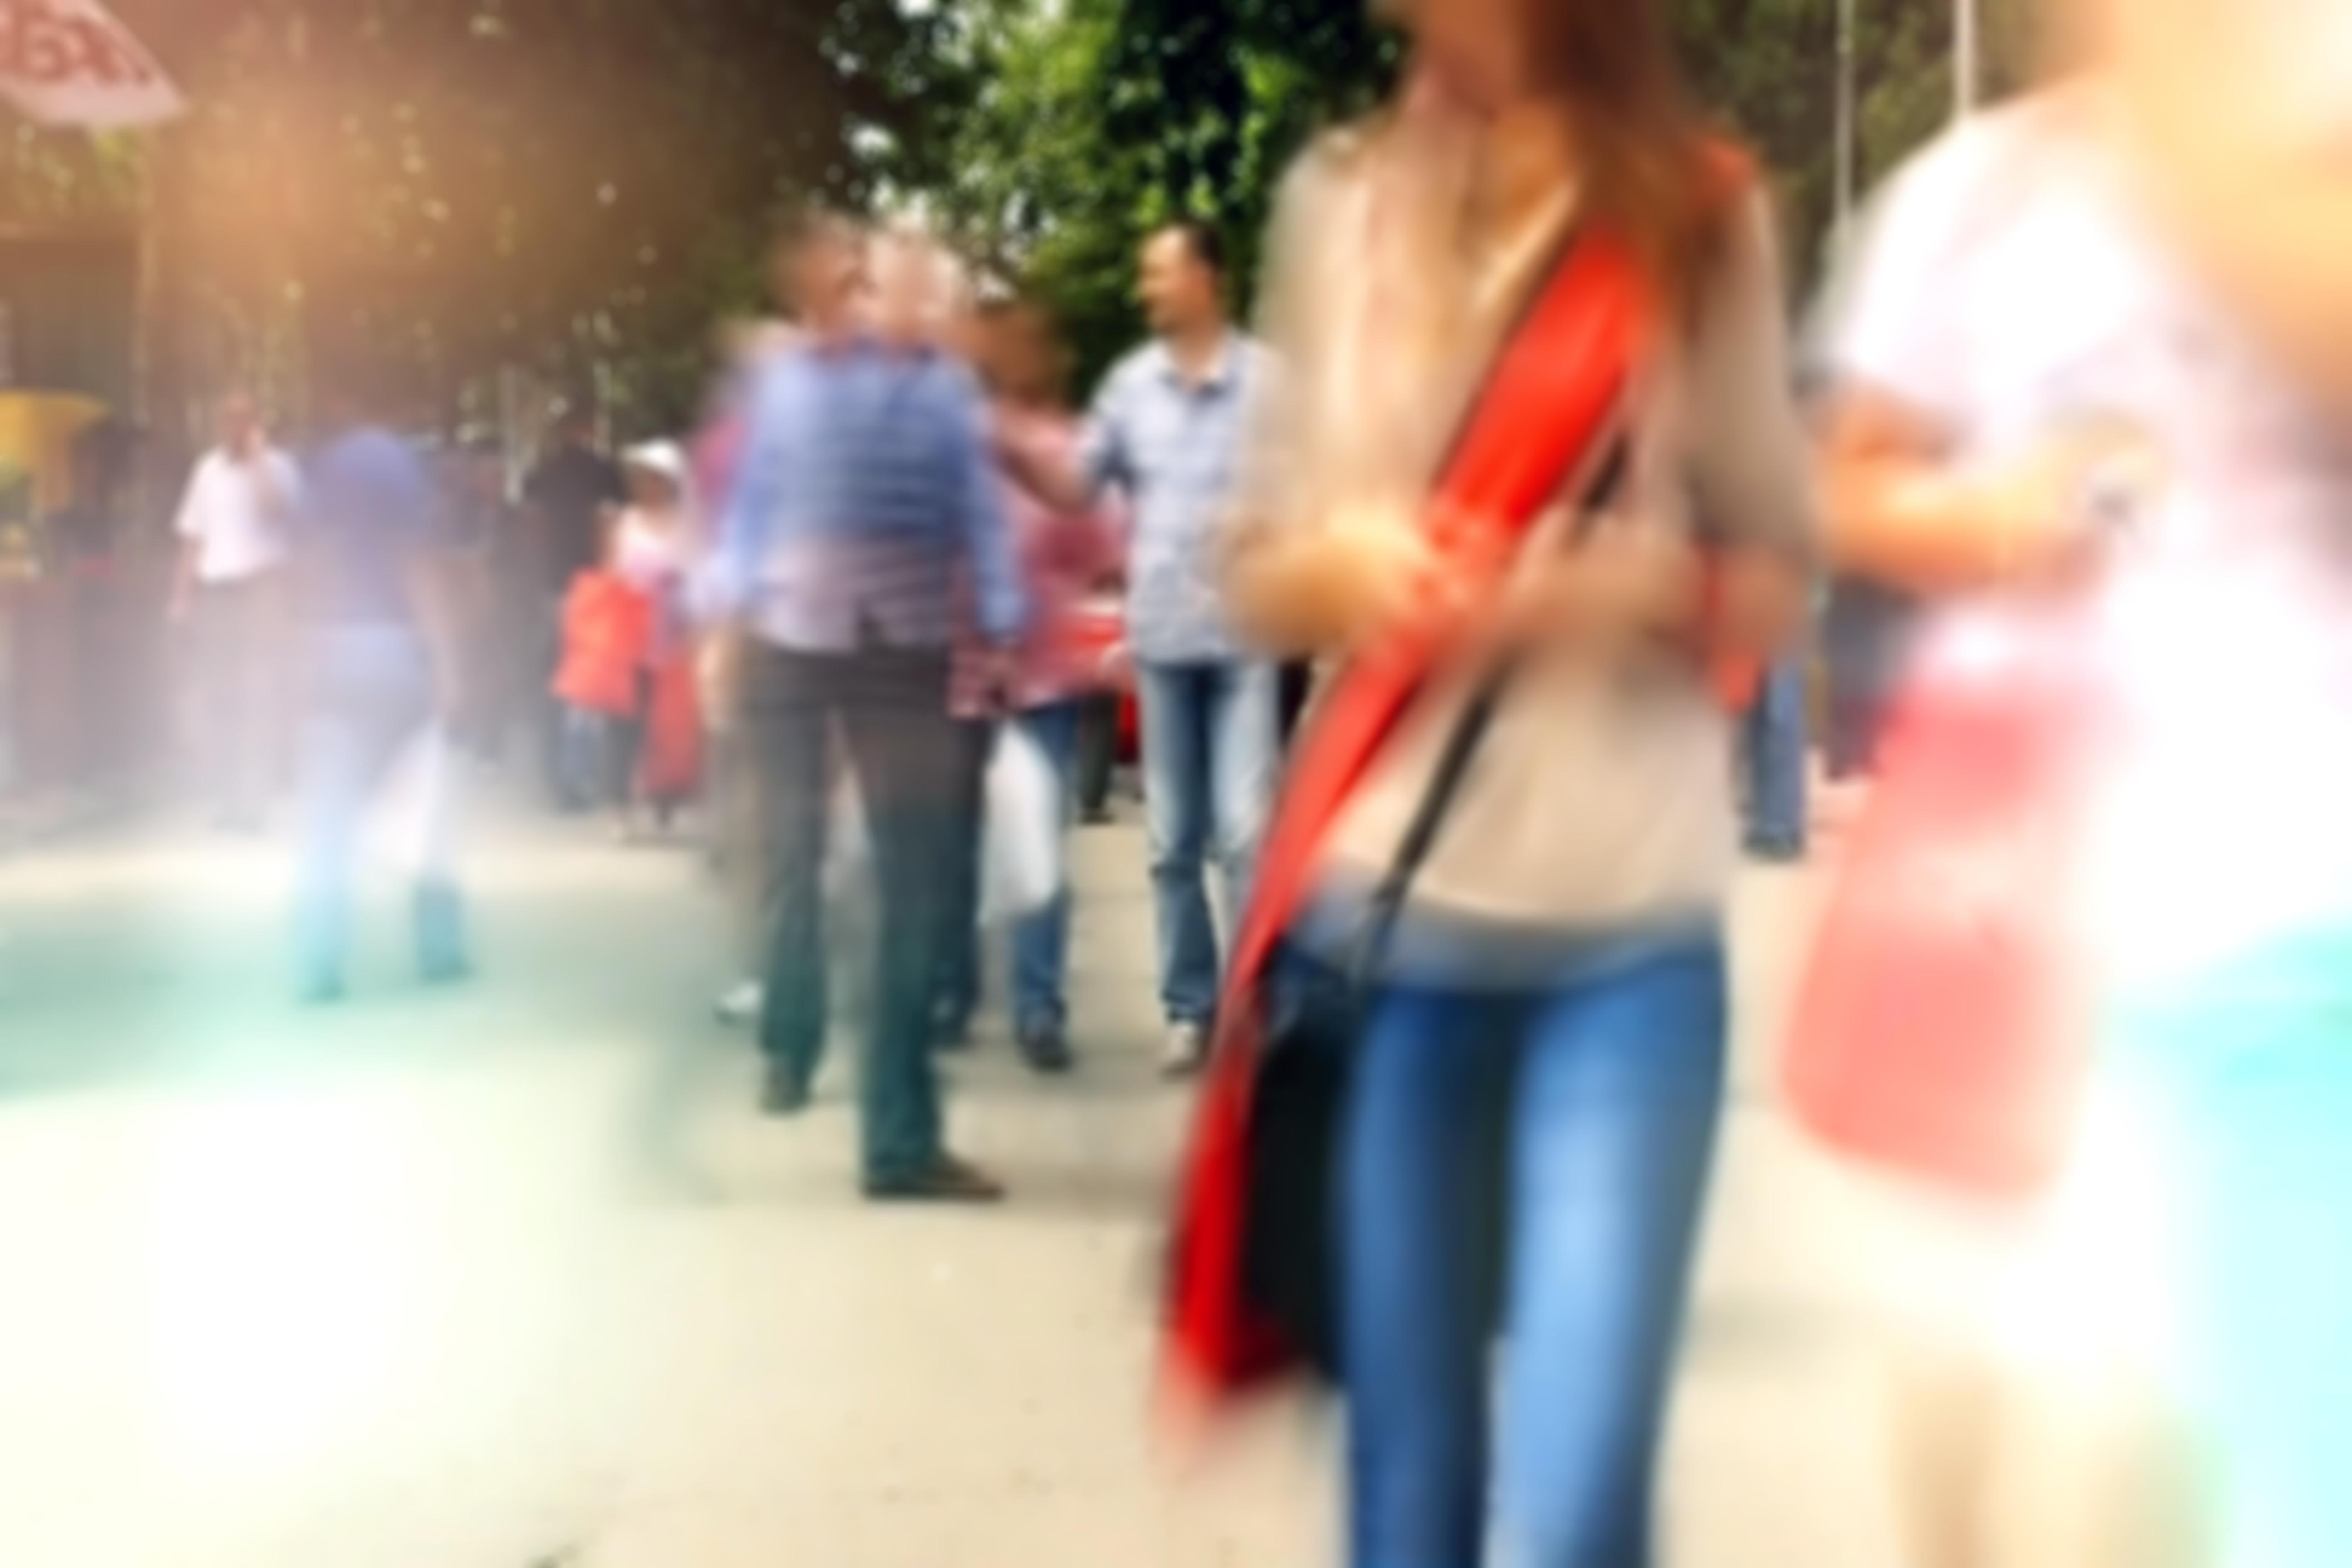 Personas paseando por un parque, con árboles a los lados